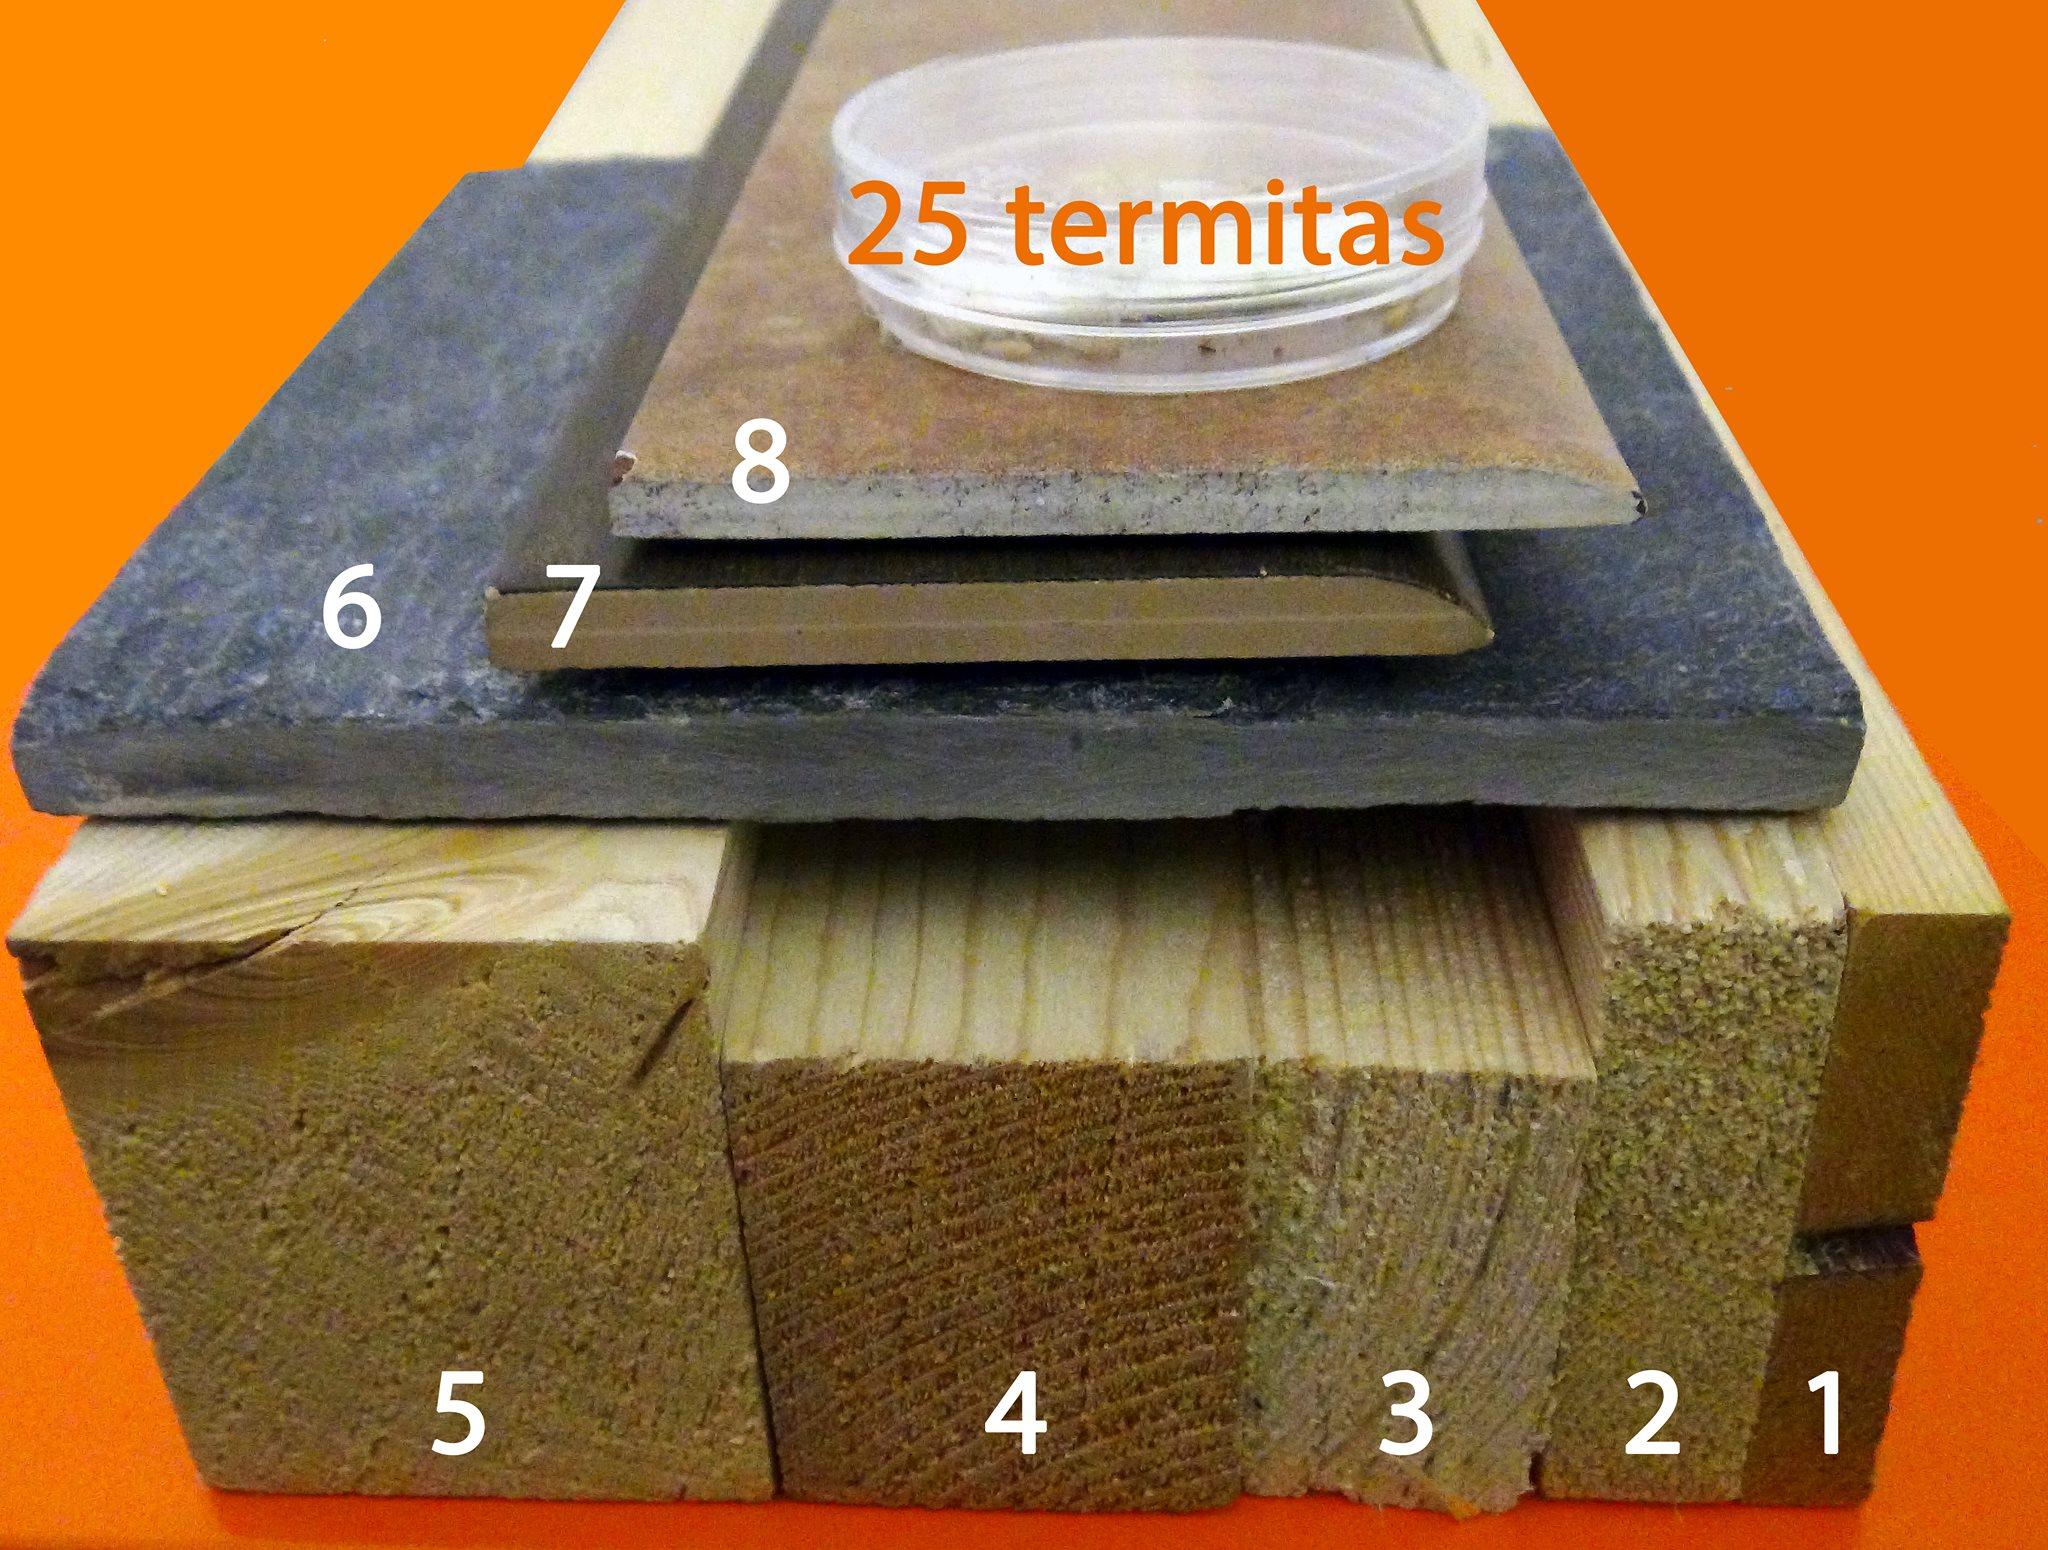 Materiales utilizados en los ensayos con el Termatrac